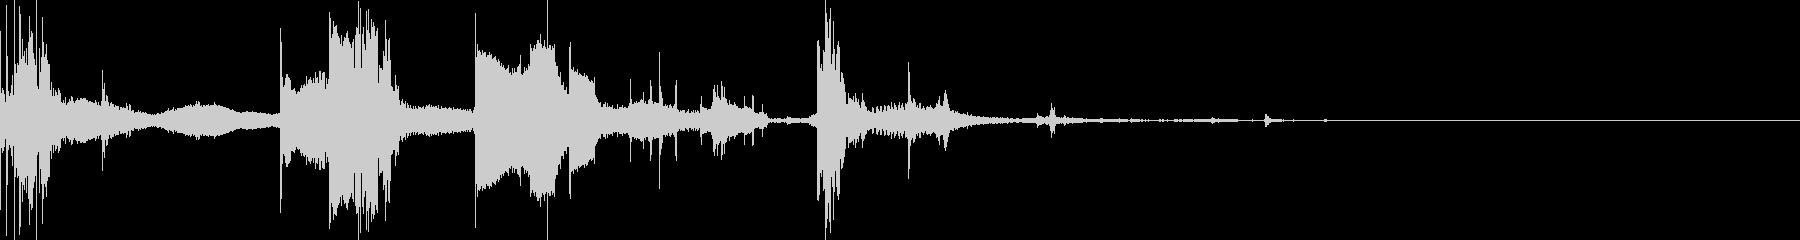 コイン数枚(チャリンチャリン)の未再生の波形